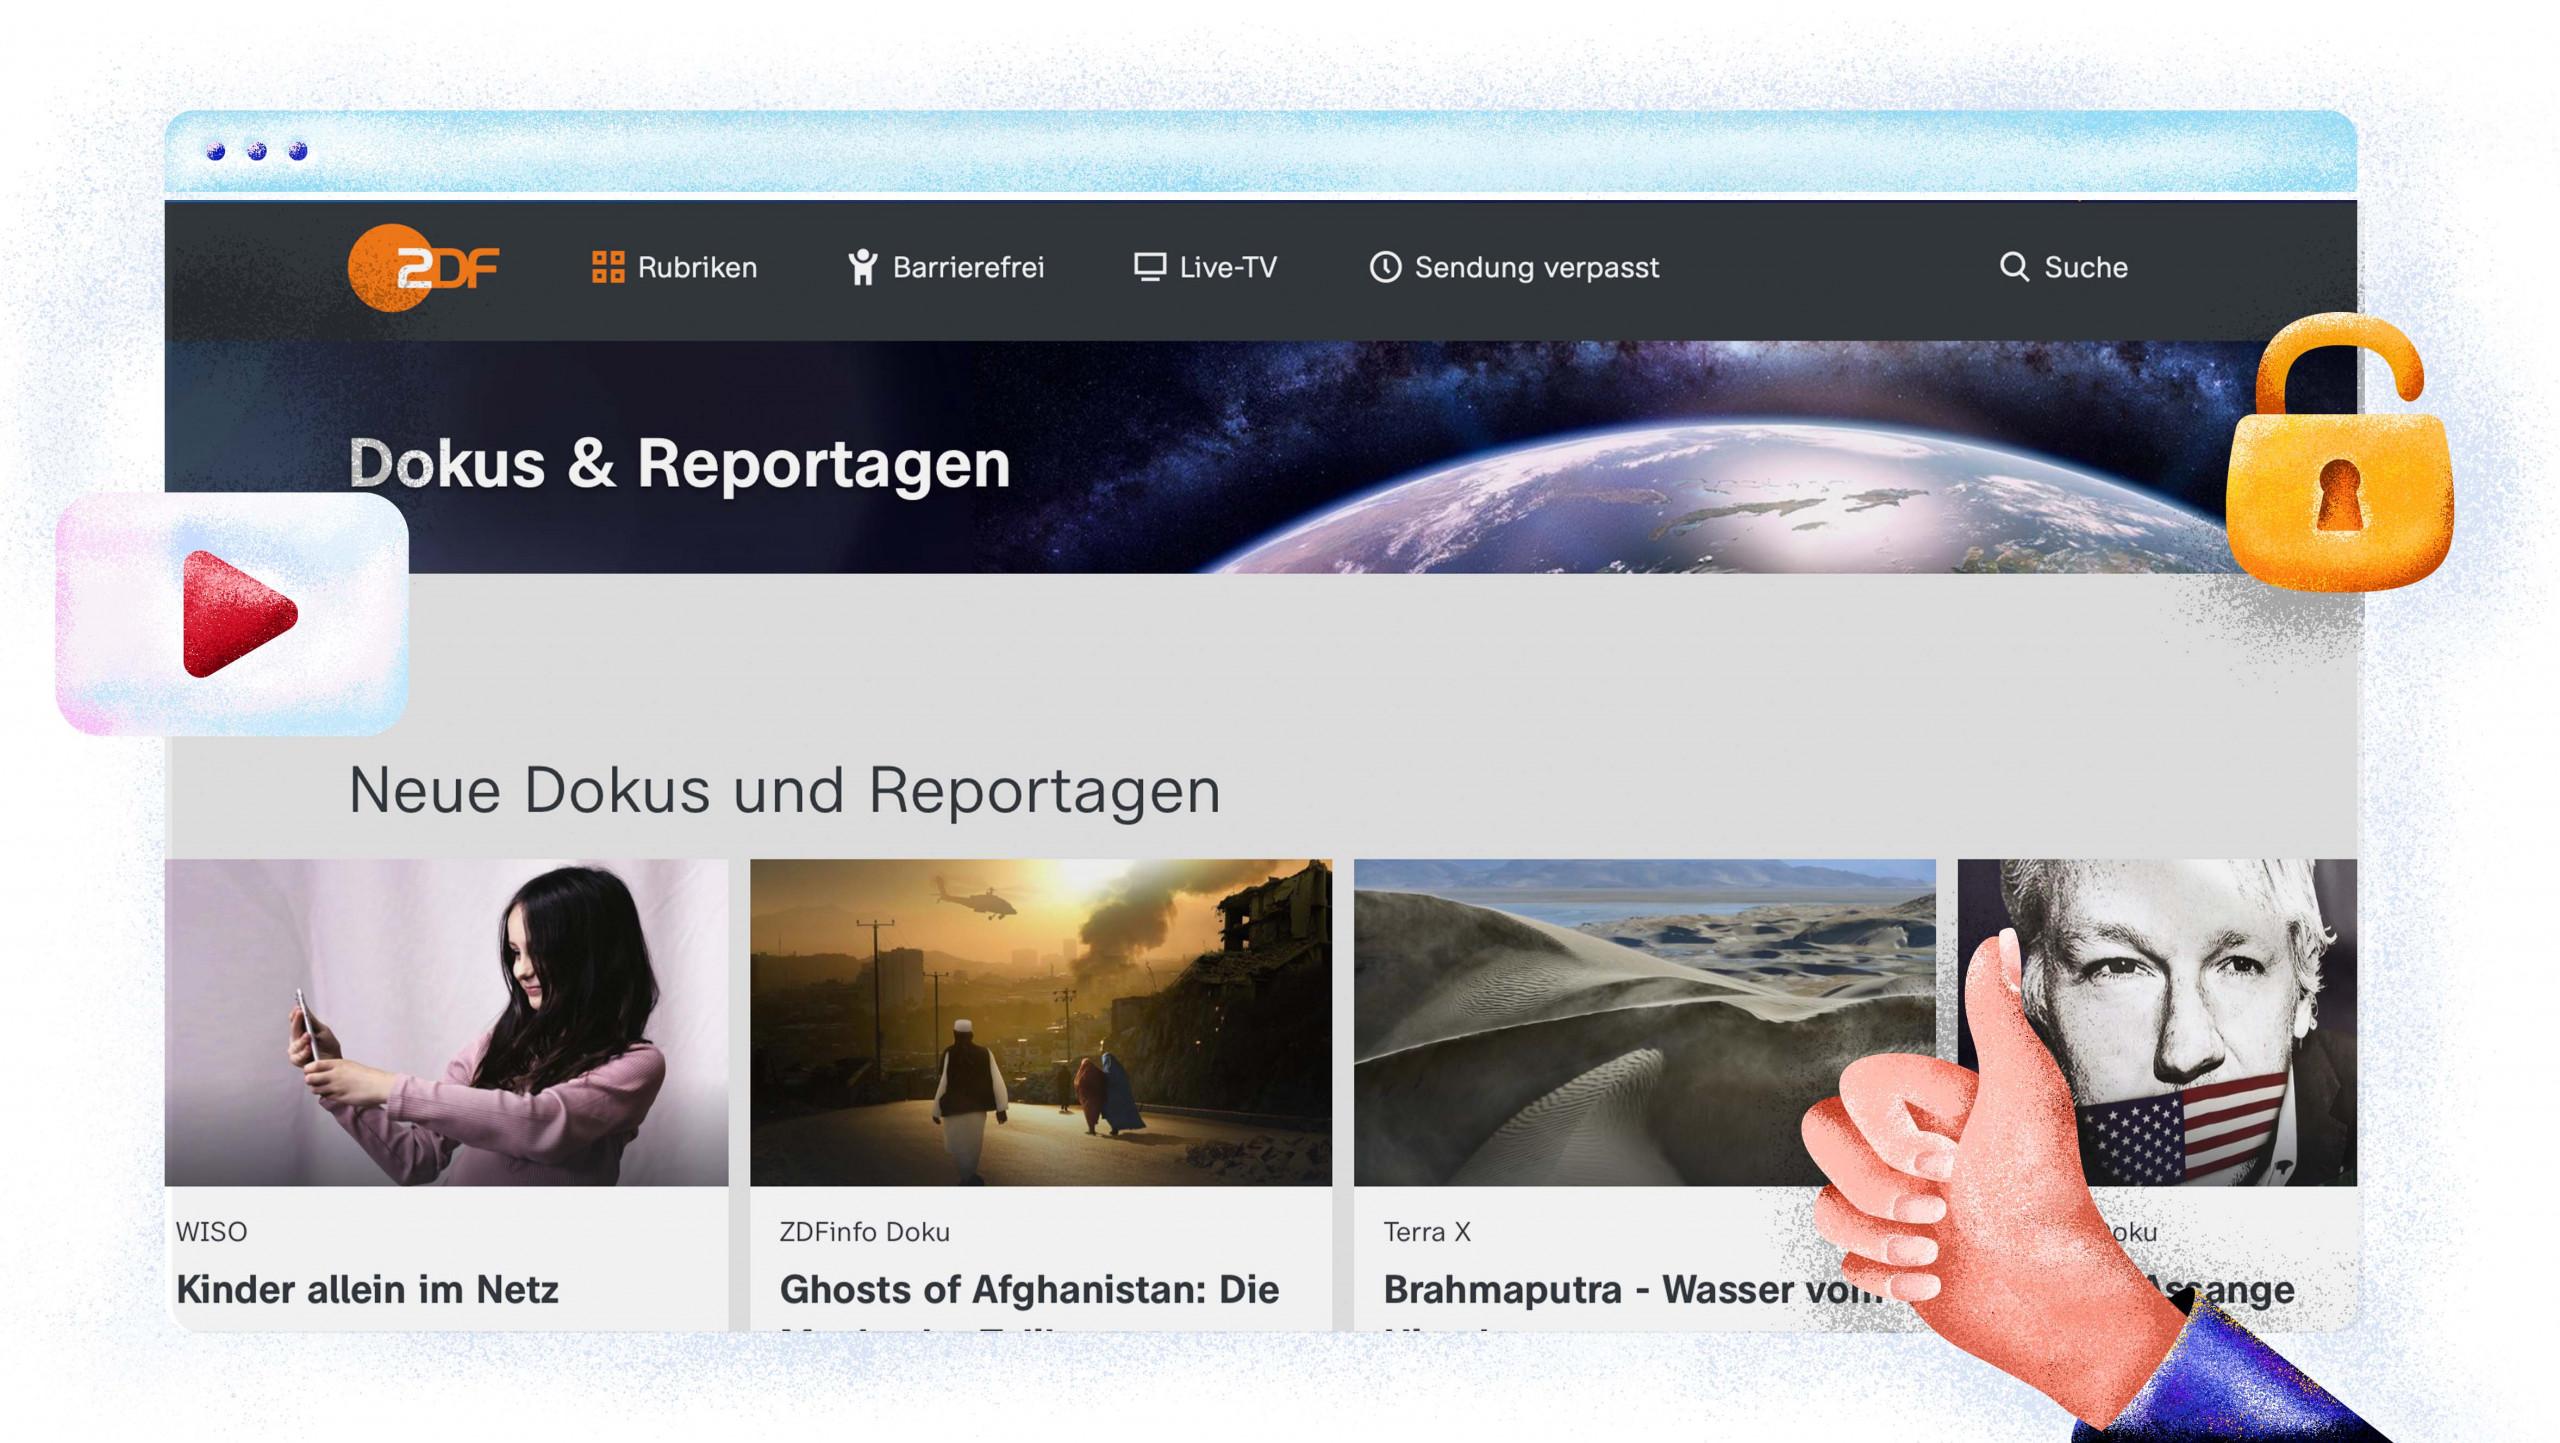 Op ZDF kun je films, series en documentaires kijken